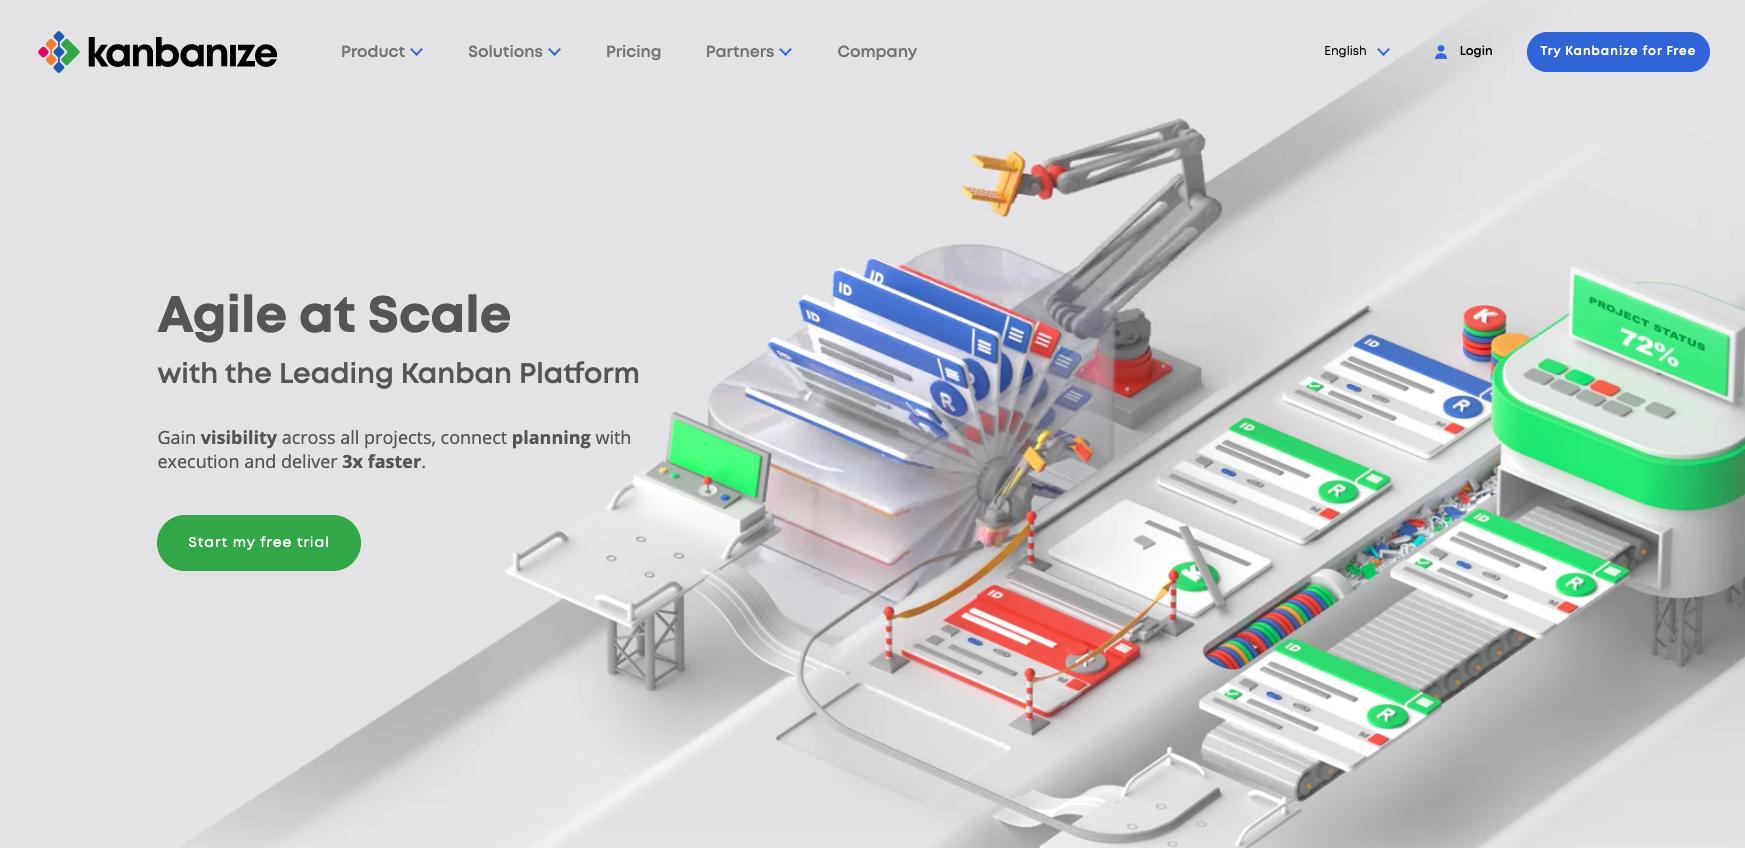 kanbanize-best-website-design